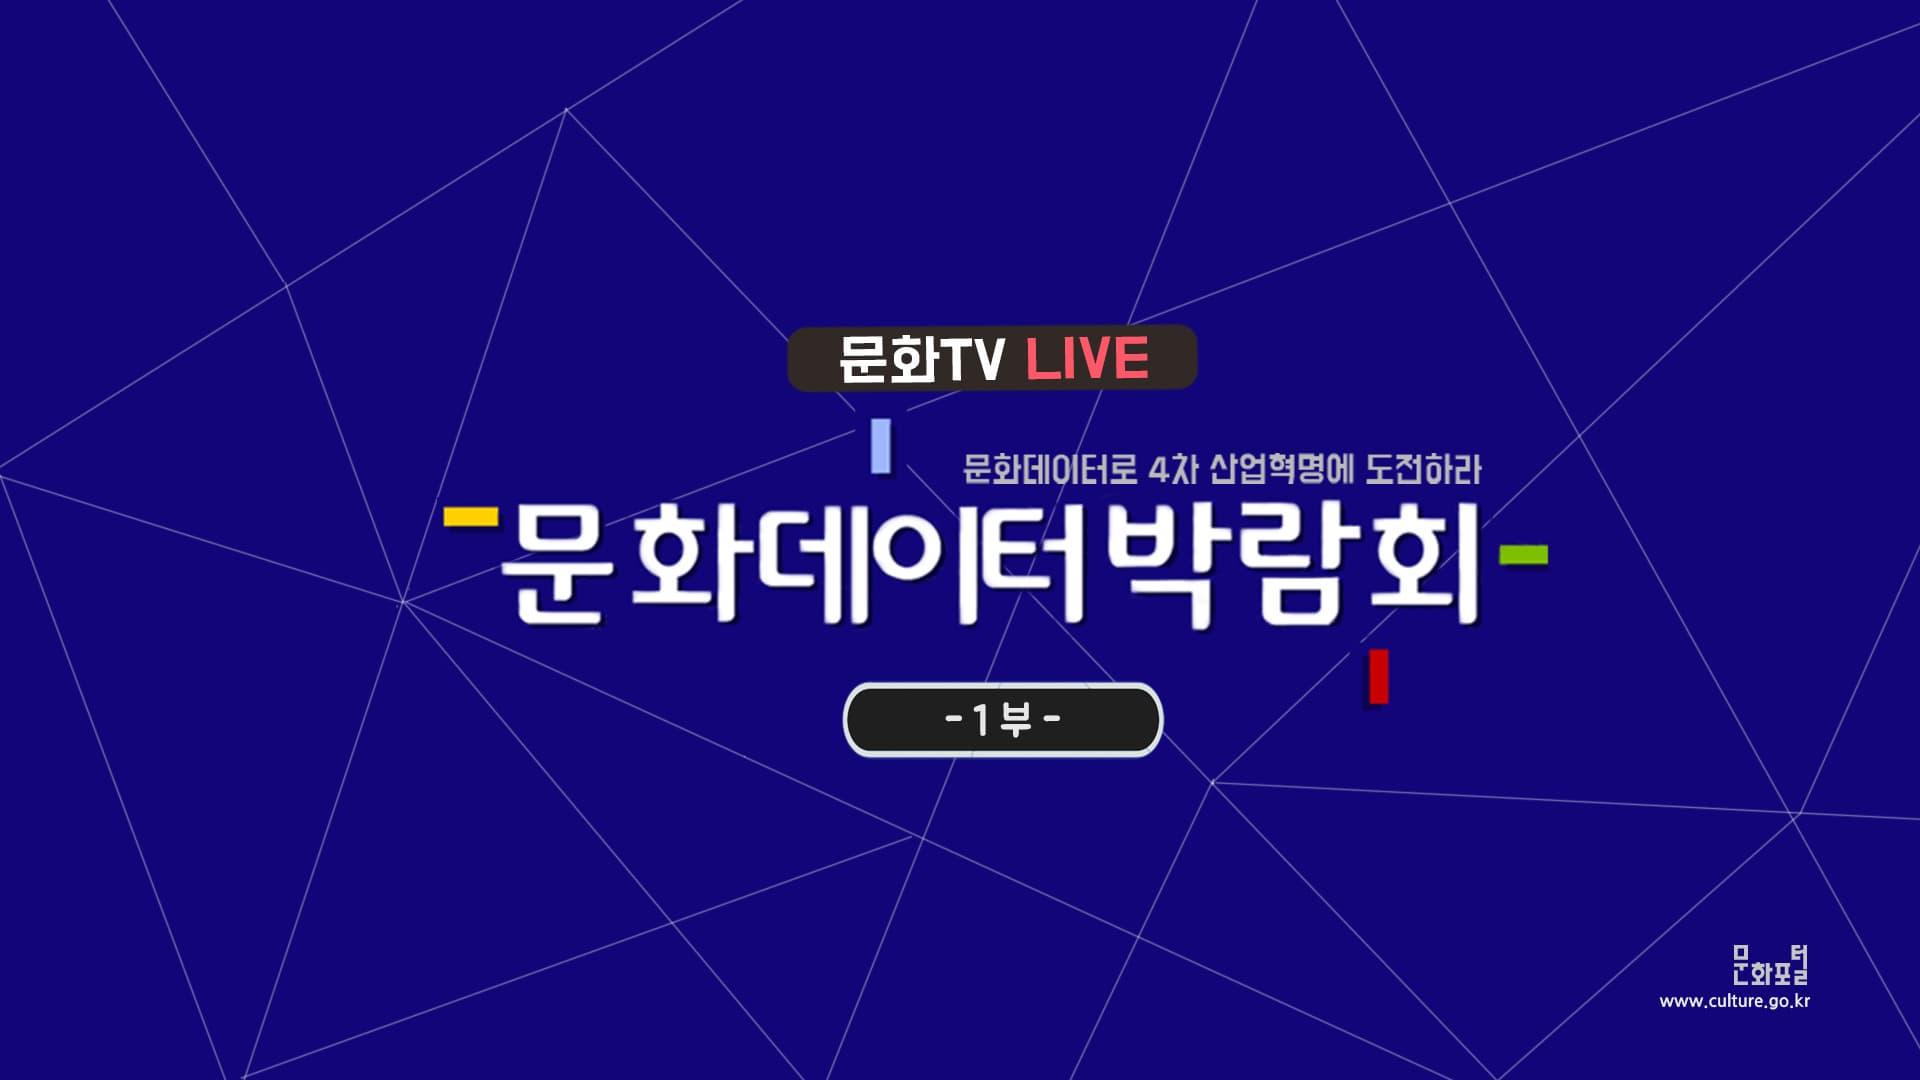 [문화TV] 한국문화정보원 '2017 문화데이터 박람회'-1부-